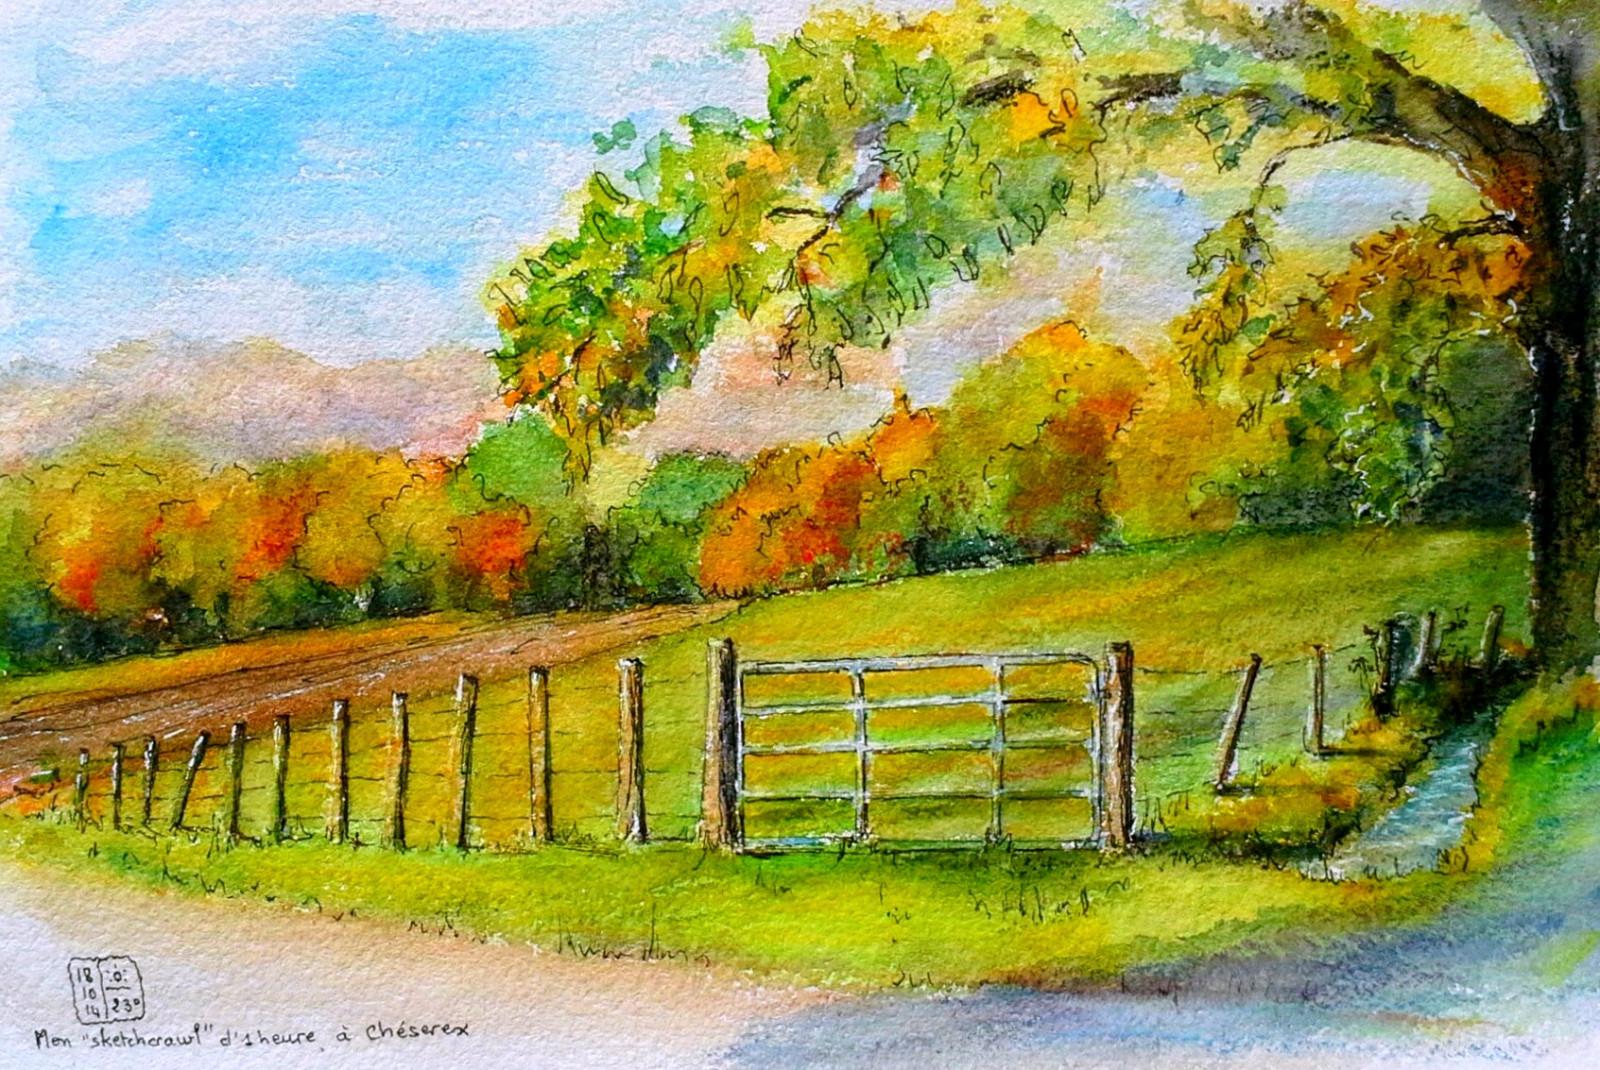 Sfondi  natura la pittura pittura ad acquerello albero